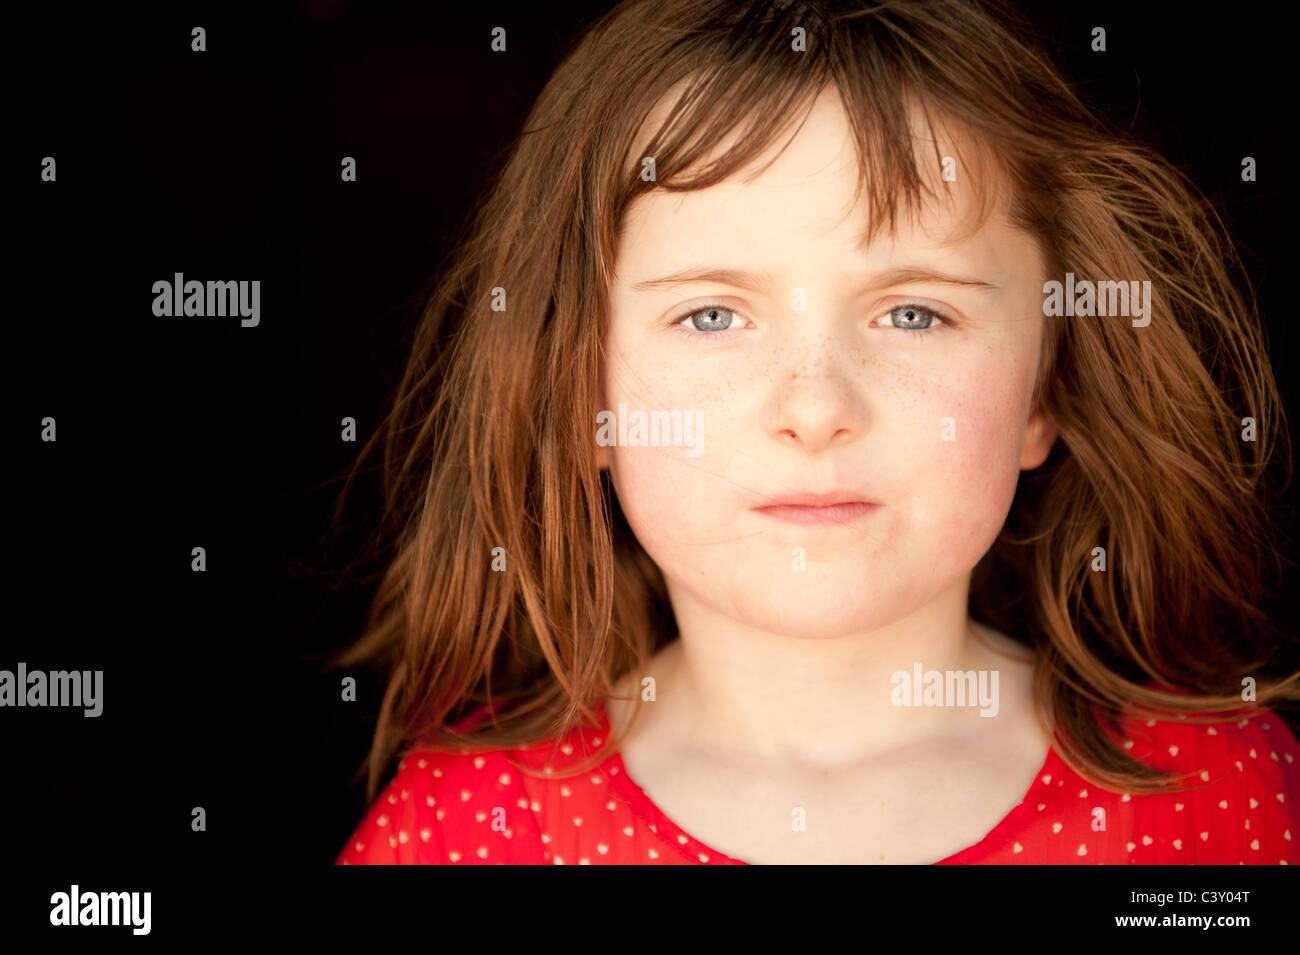 Bambina guardando la fotocamera con grave espressione facciale Immagini Stock